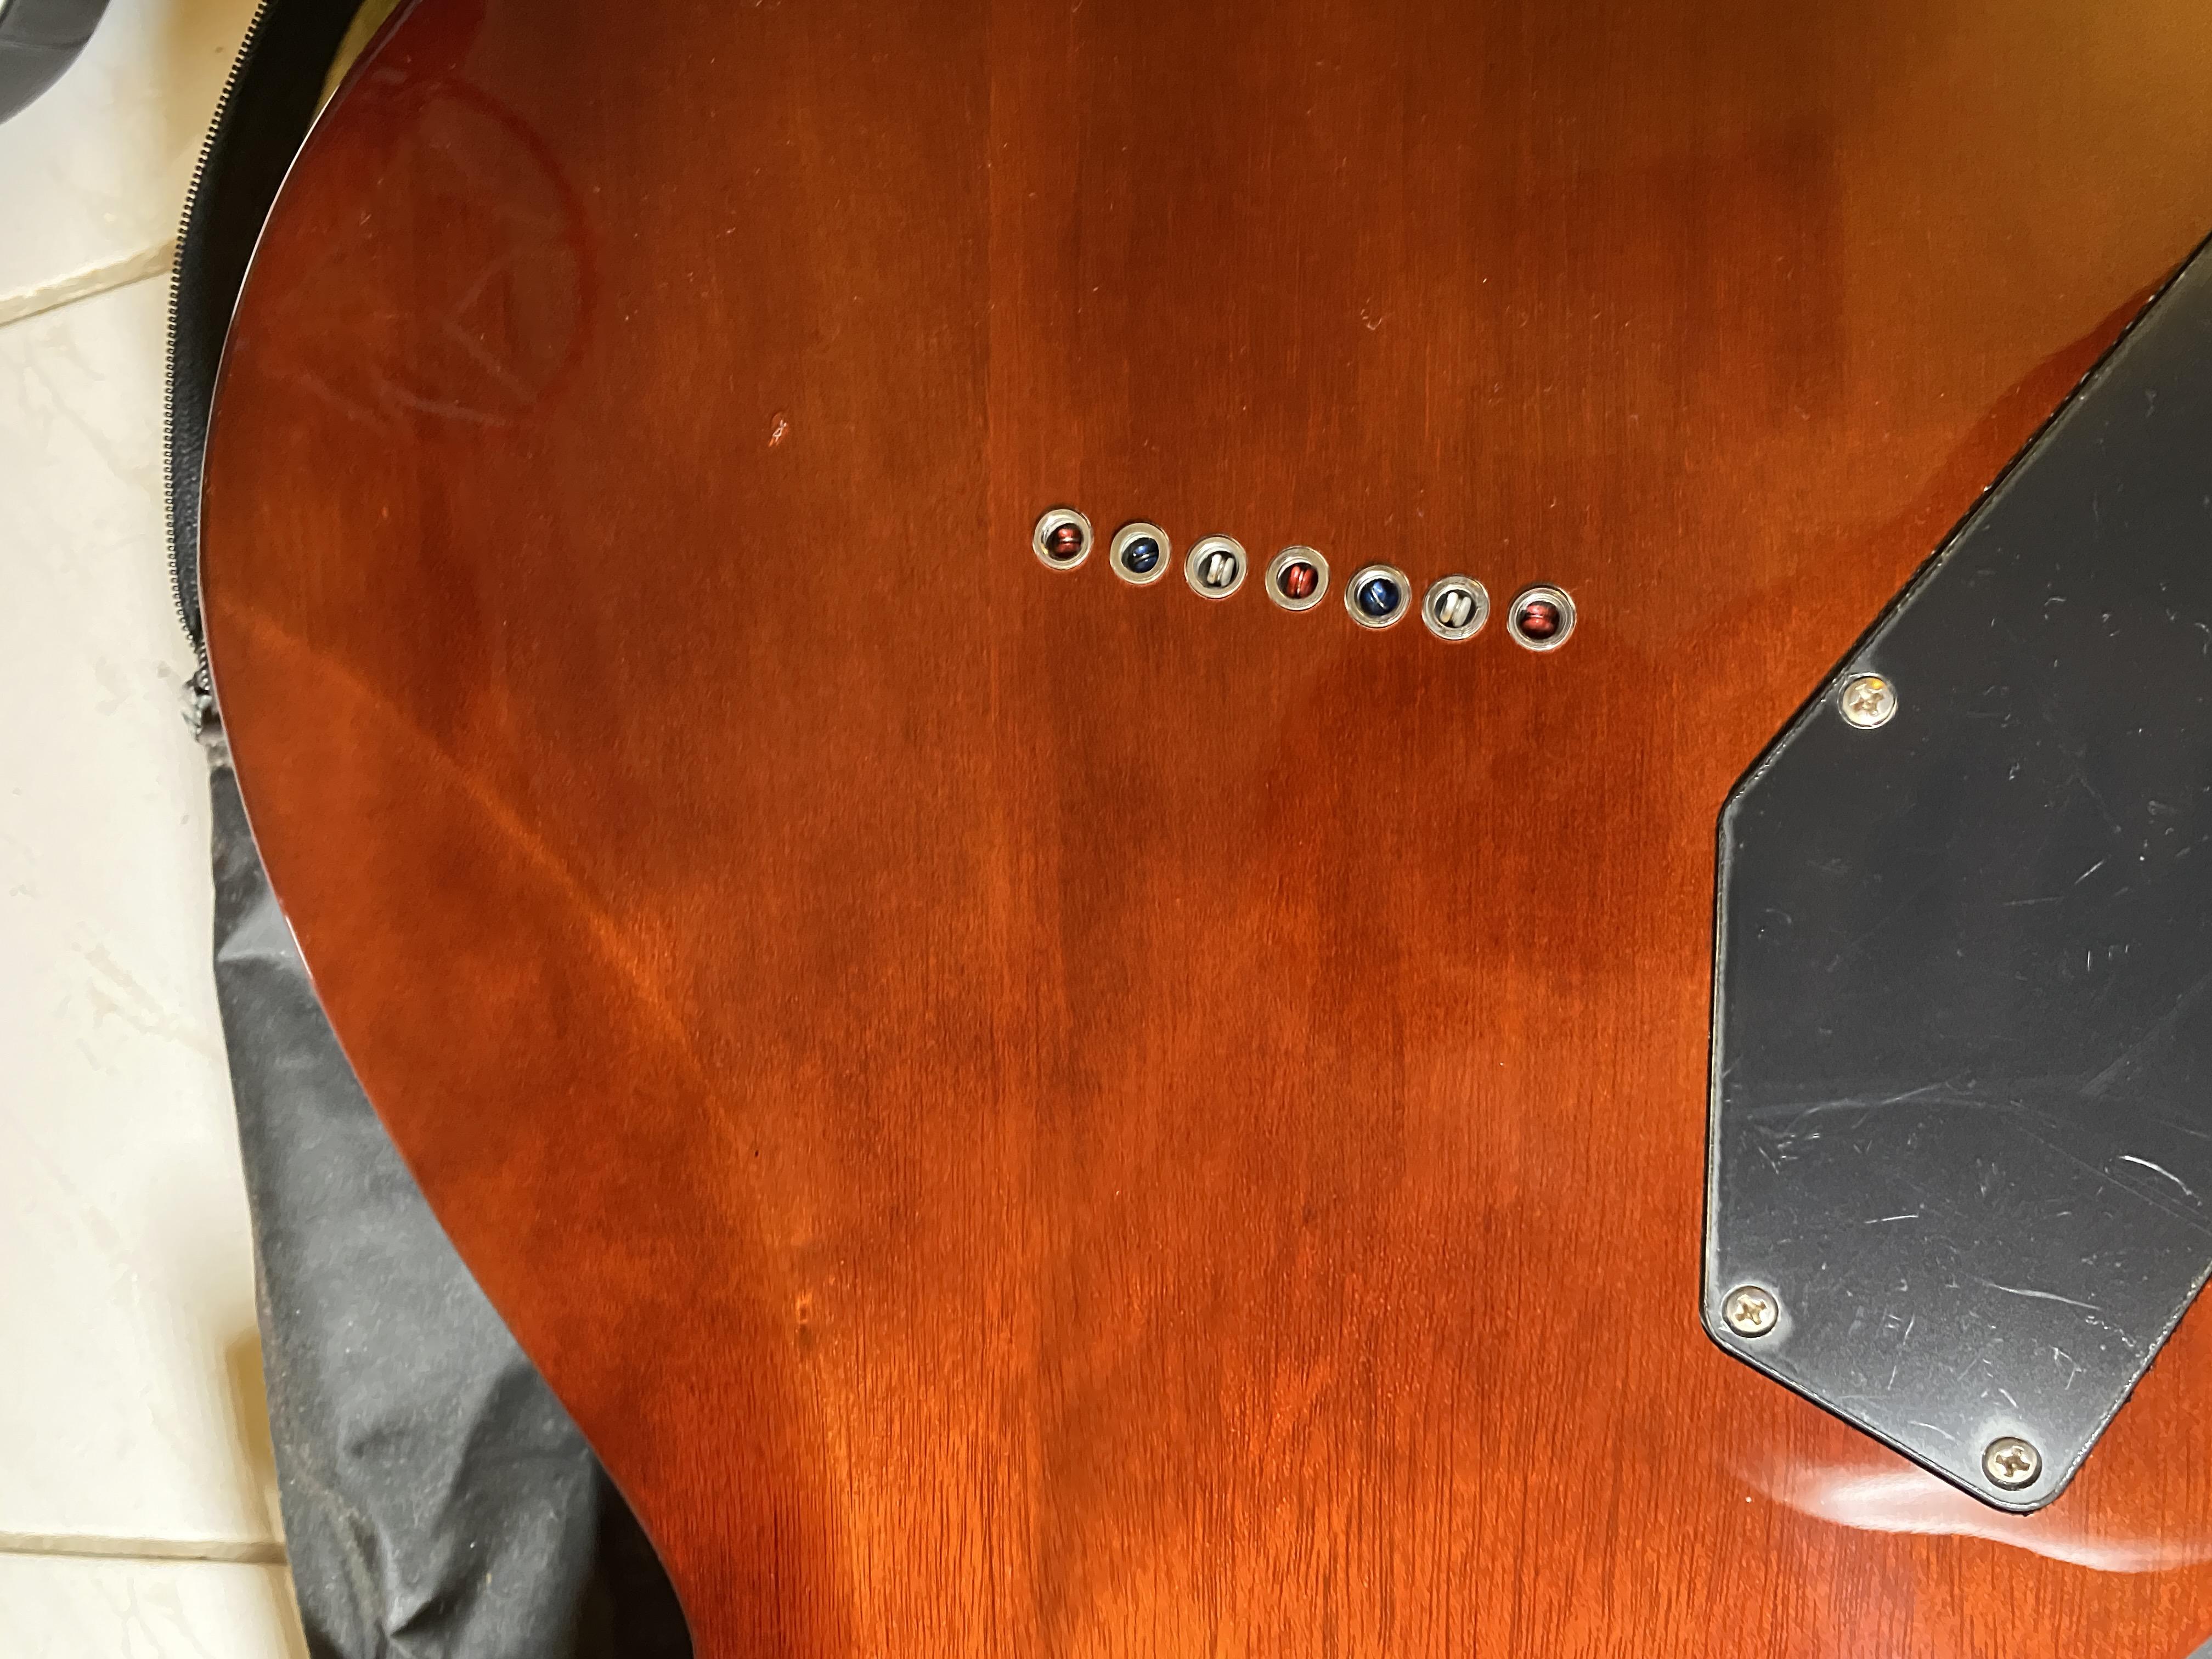 (已售出)Harley Benton SC-7 LP扇形七弦吉他